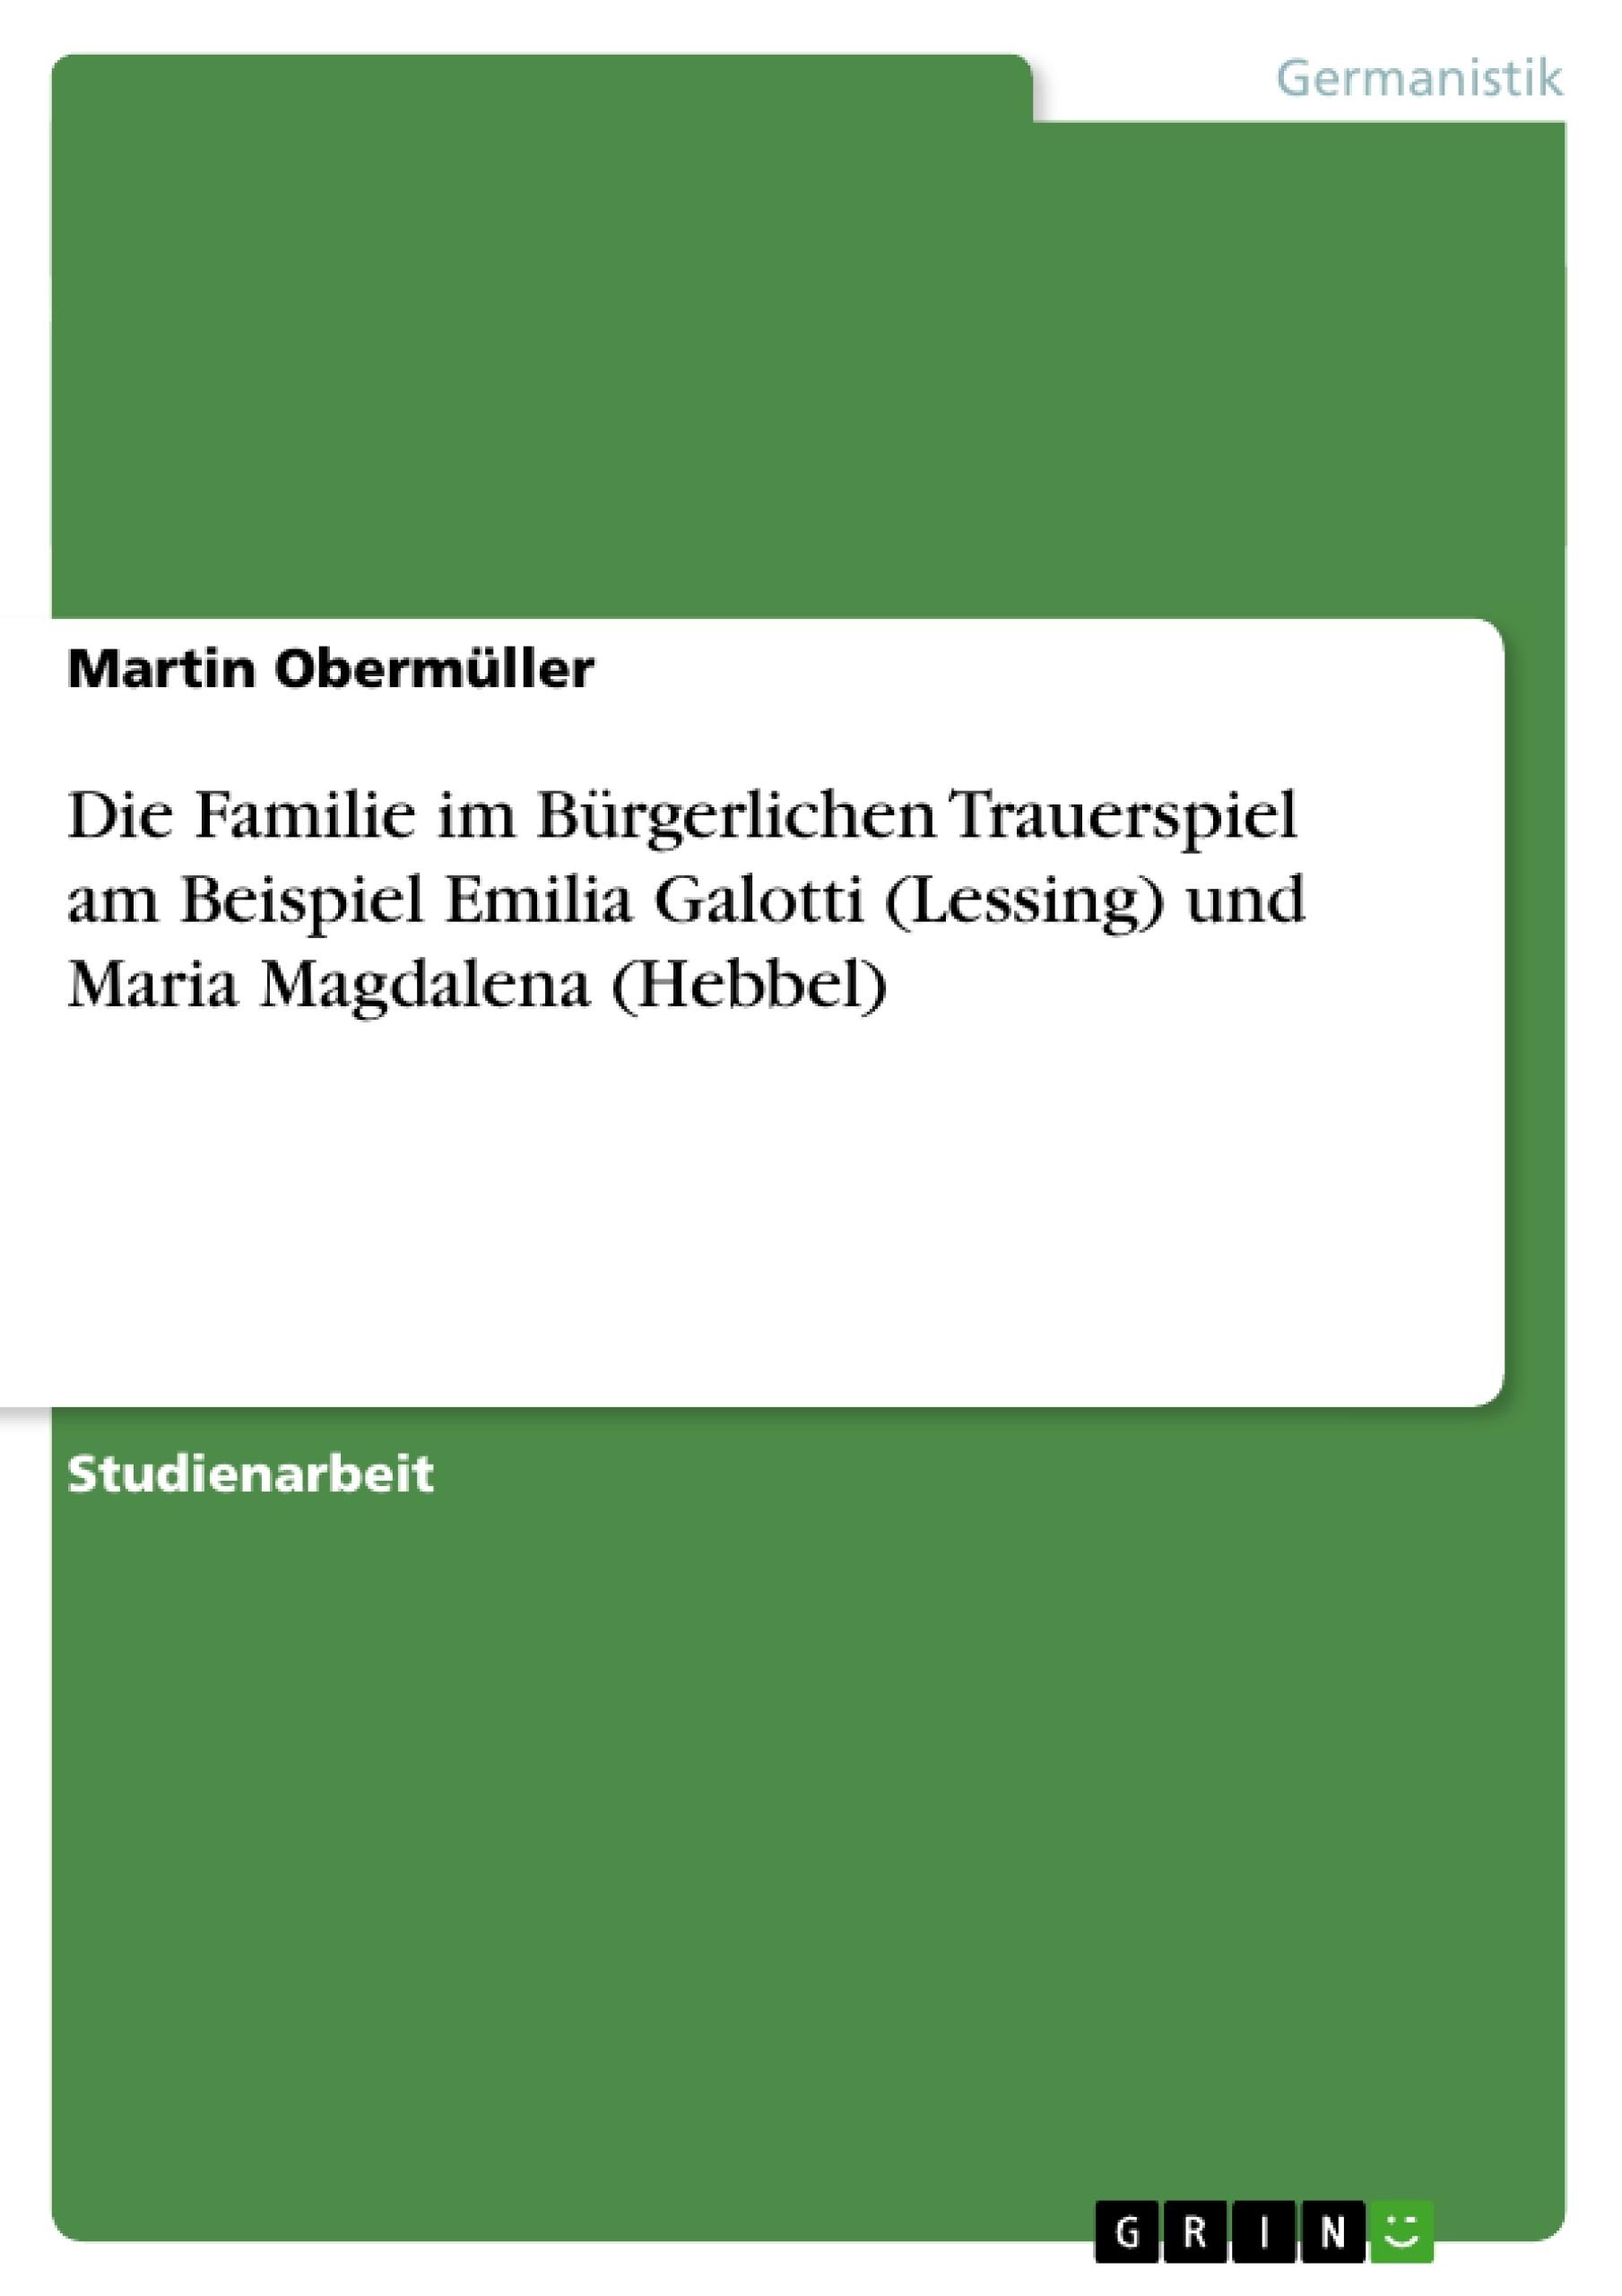 Titel: Die Familie im Bürgerlichen Trauerspiel am Beispiel Emilia Galotti (Lessing) und Maria Magdalena (Hebbel)